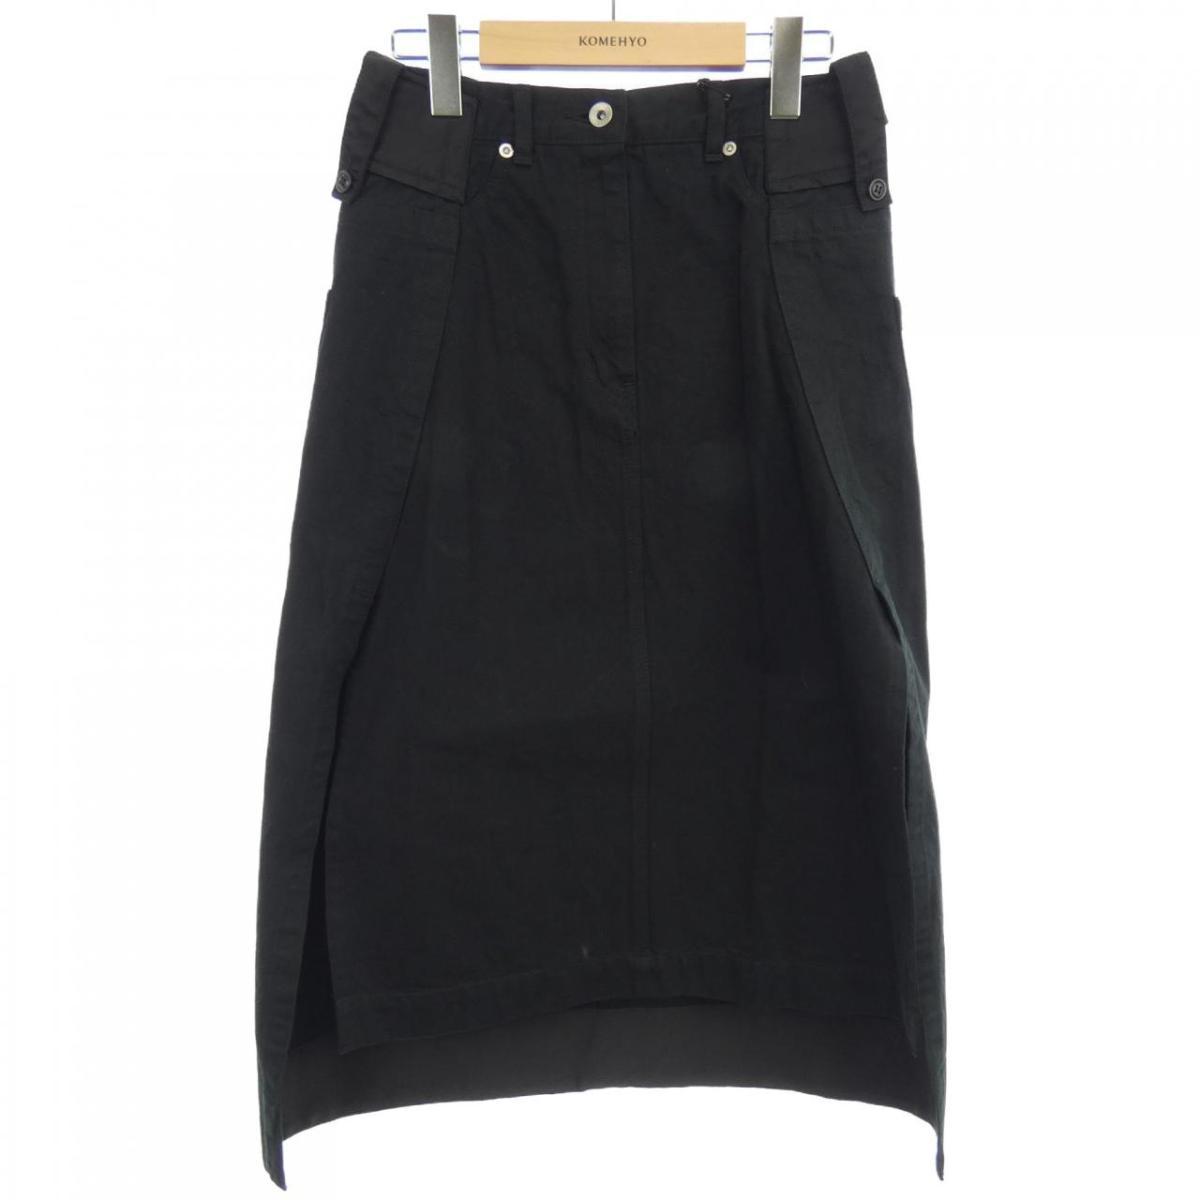 セットアップ サカイ SACAI 中古 引き出物 スカート